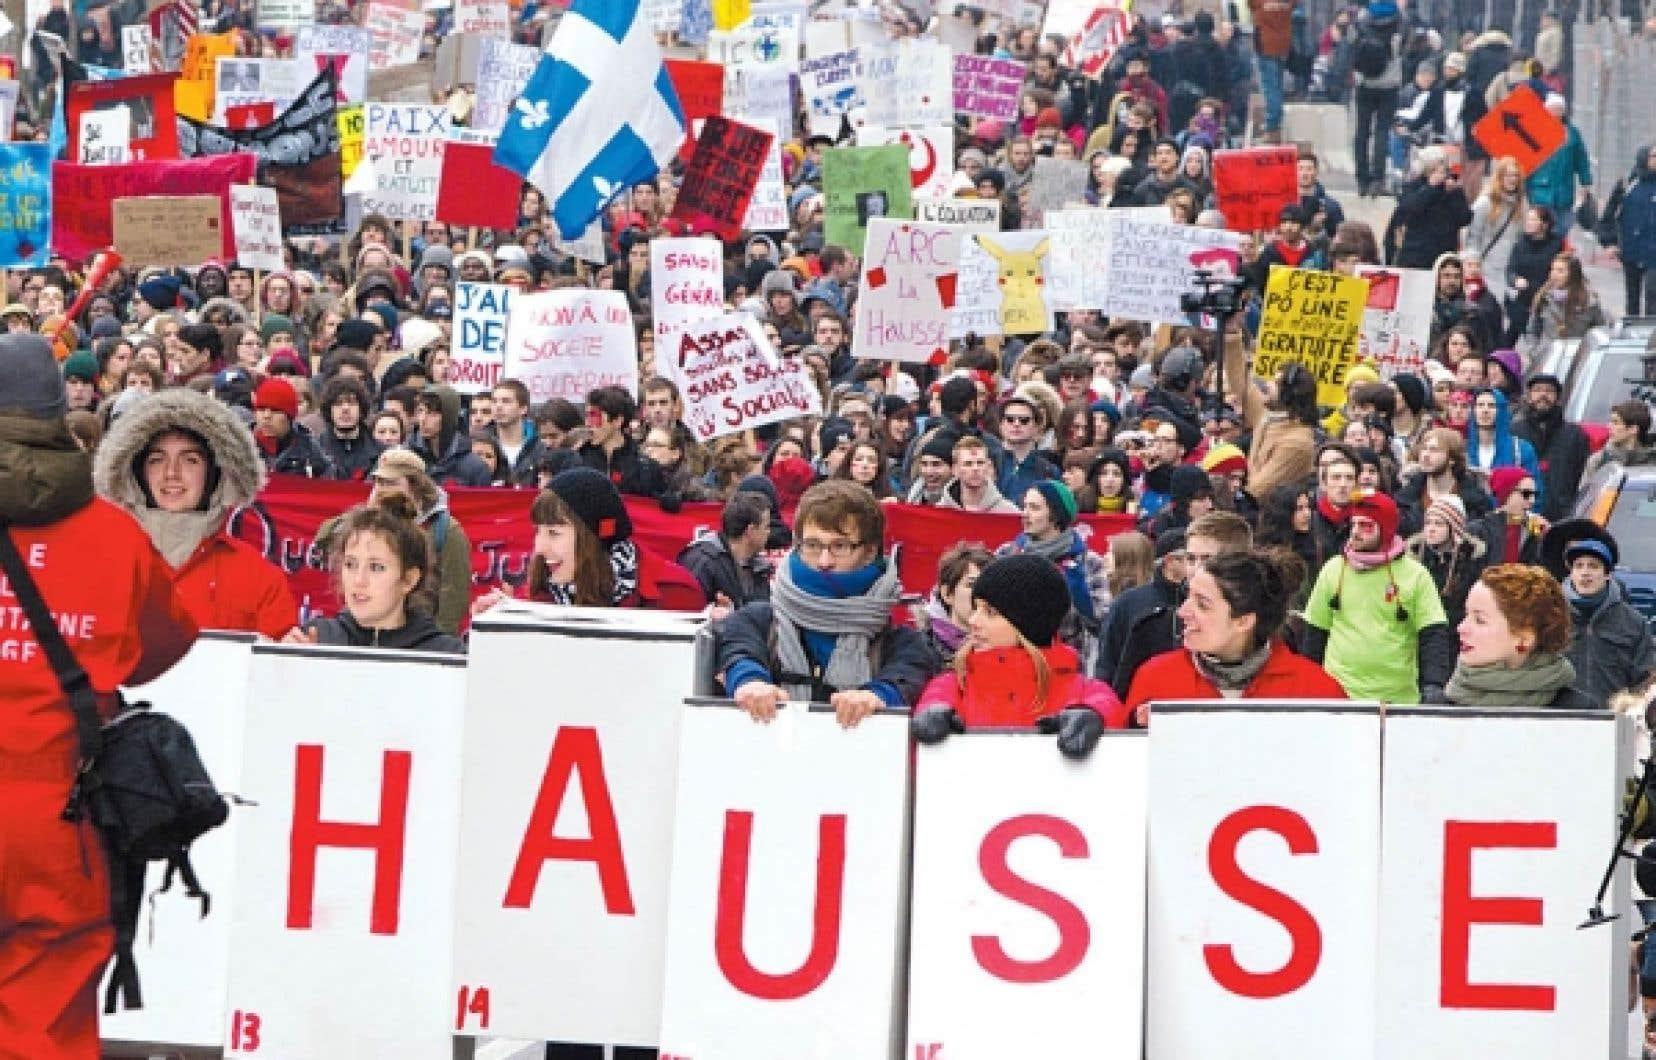 La manifestation d'hier avait moins d'ampleur que celle qui avait attiré des milliers d'étudiants la veille.<br />